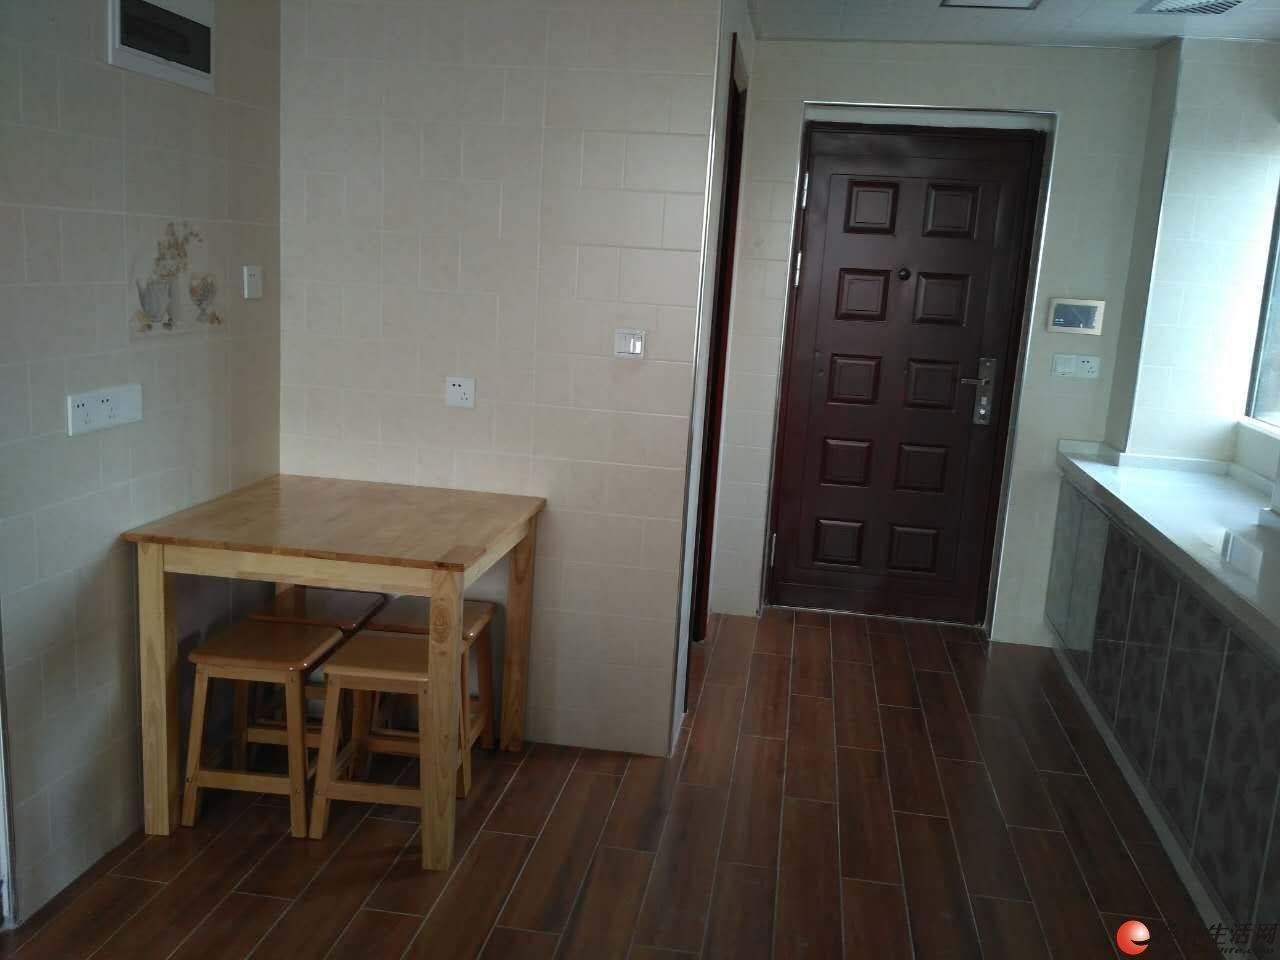 兴进广场精致1房1厅 精装新房 三面采光 带阳台 家俱家电齐全